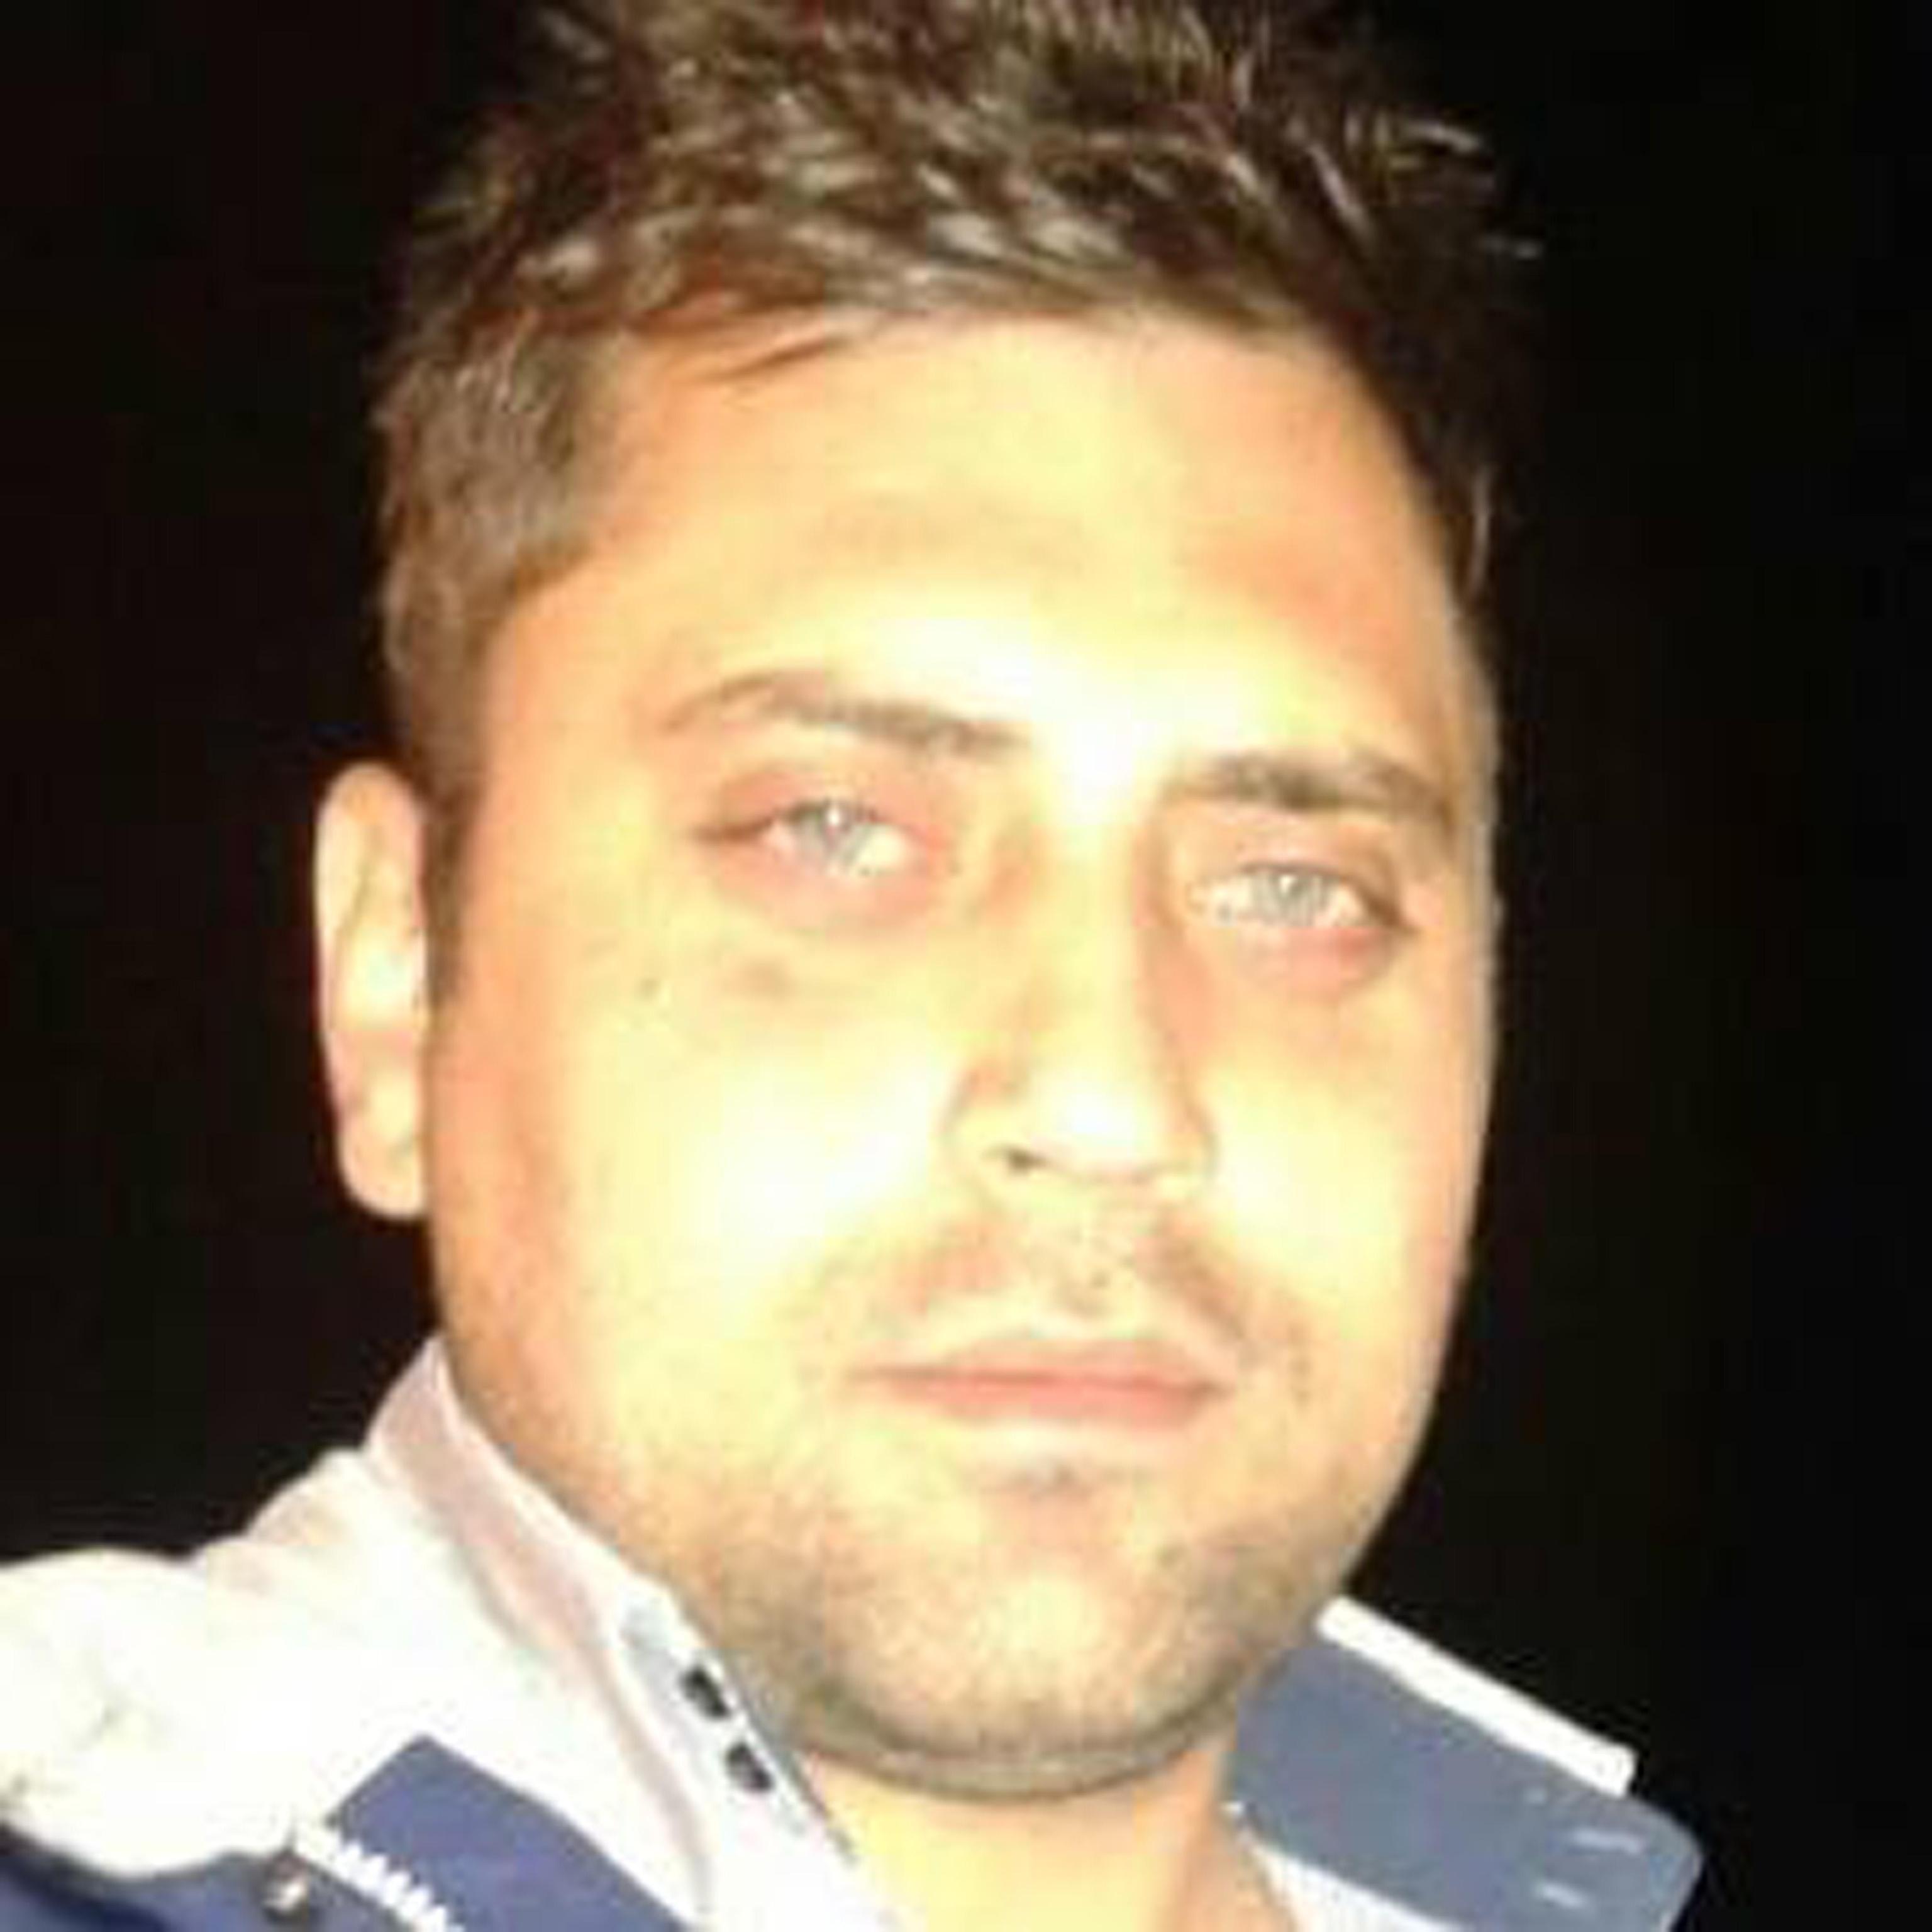 Mario Cerciello Rega, le foto del vice brigadiere ucciso